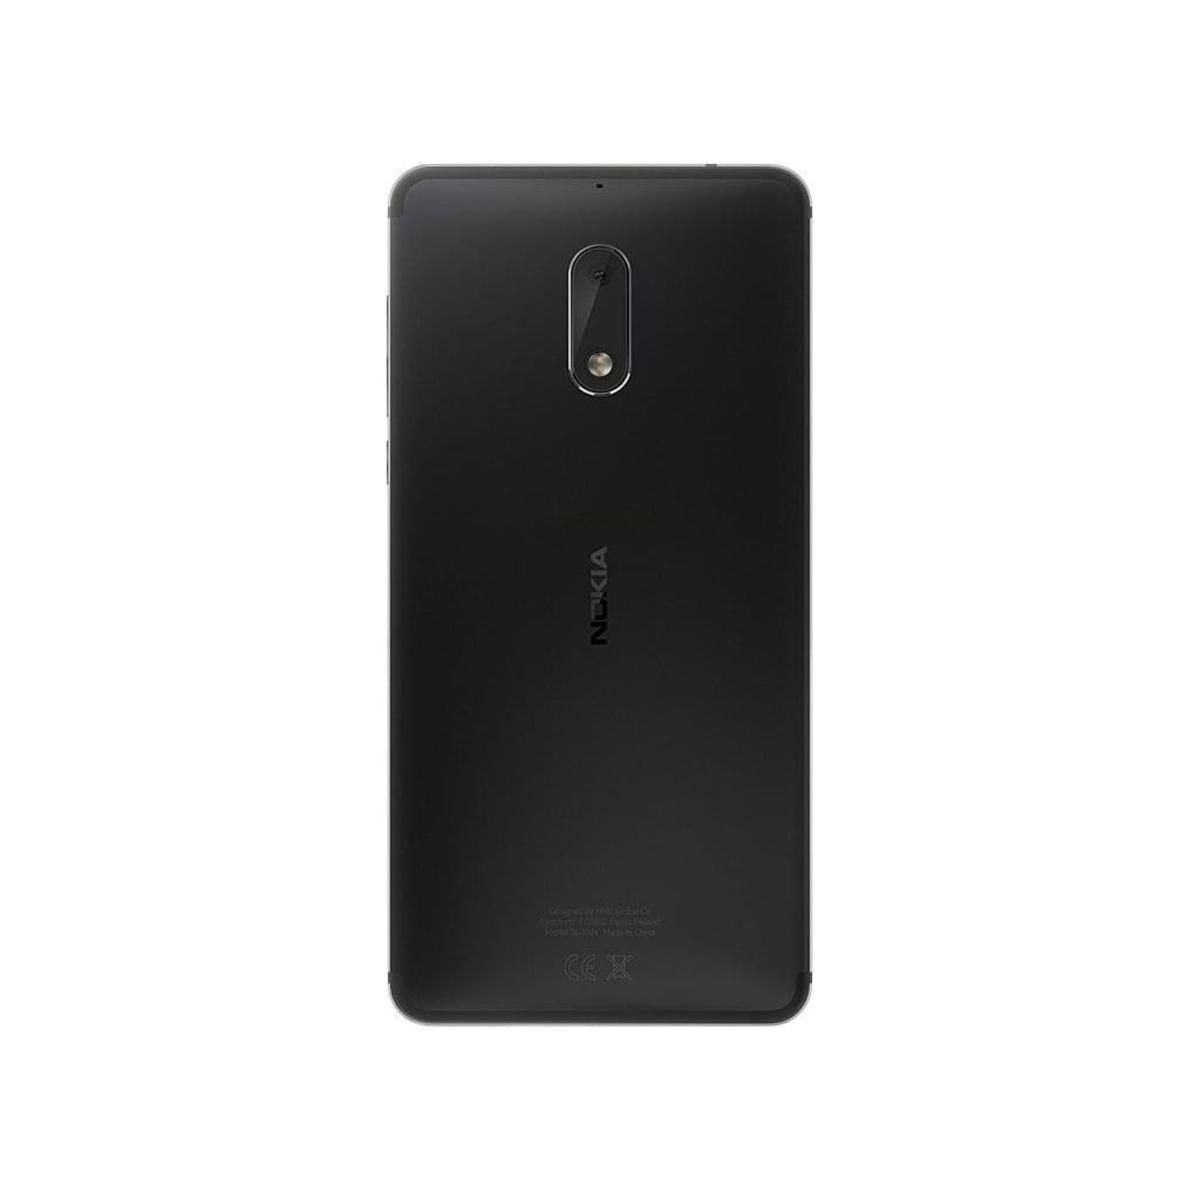 Bild 5 von Nokia 6 Dual-SIM, Farbe:Silber